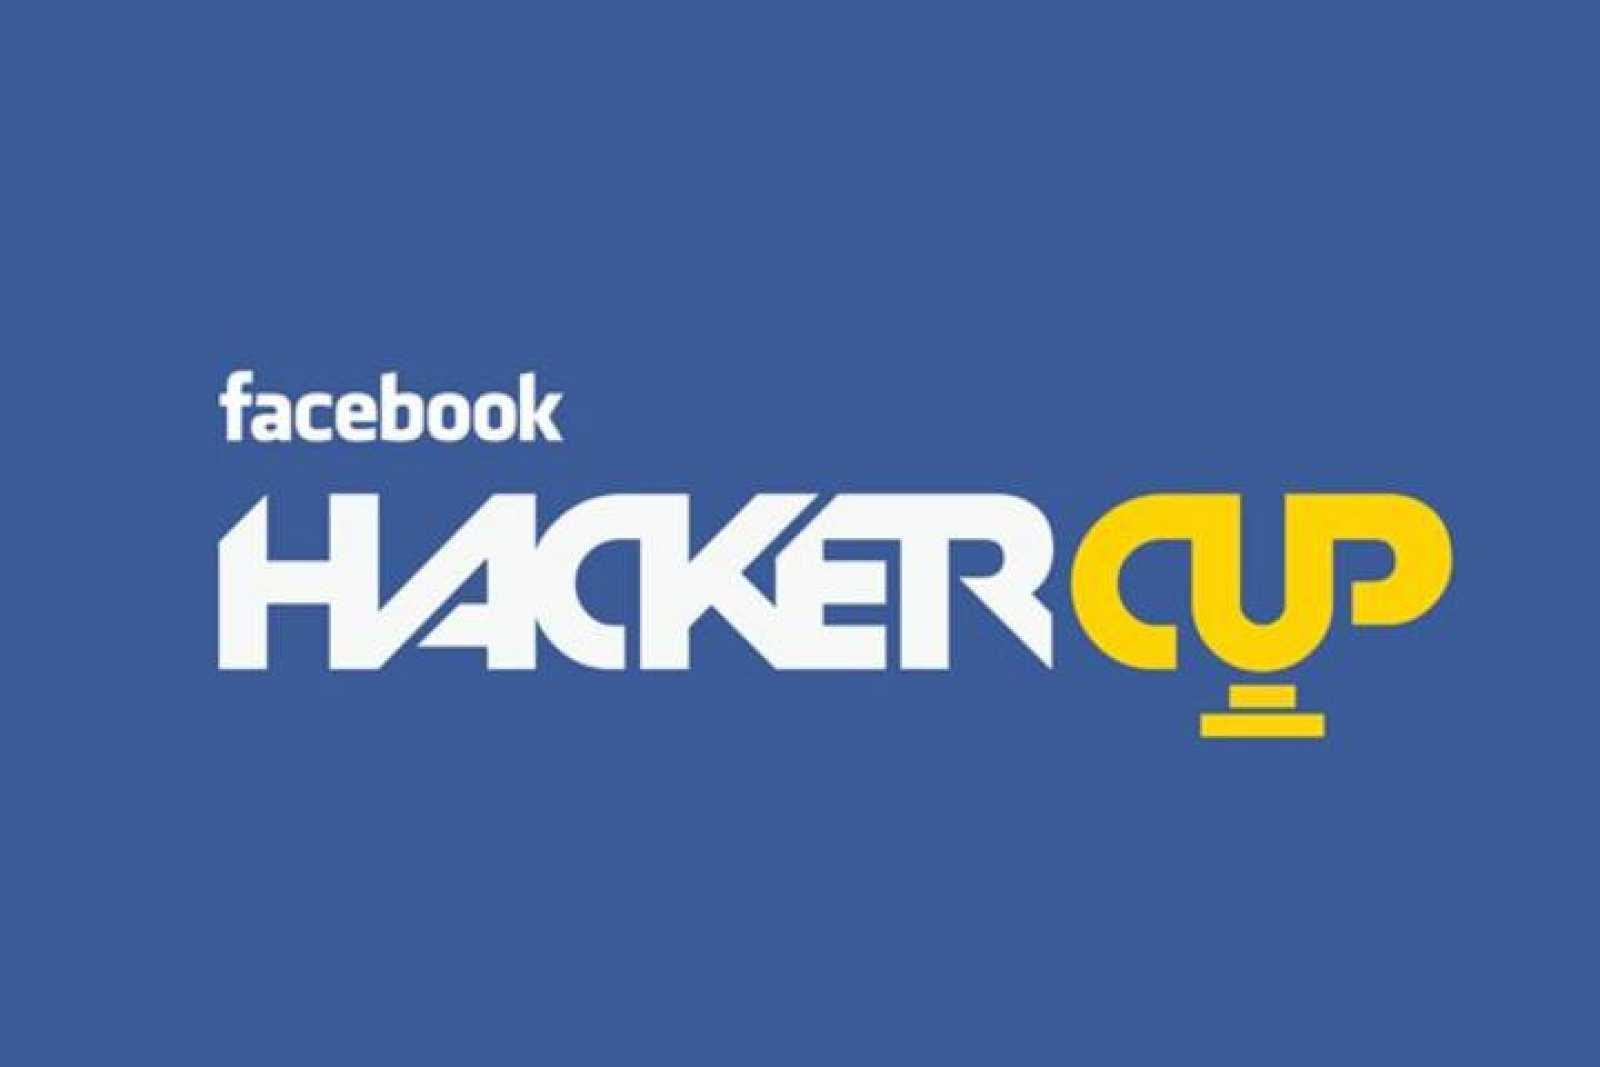 Facebook lanza la segunda edición de 'Hacker Cup'